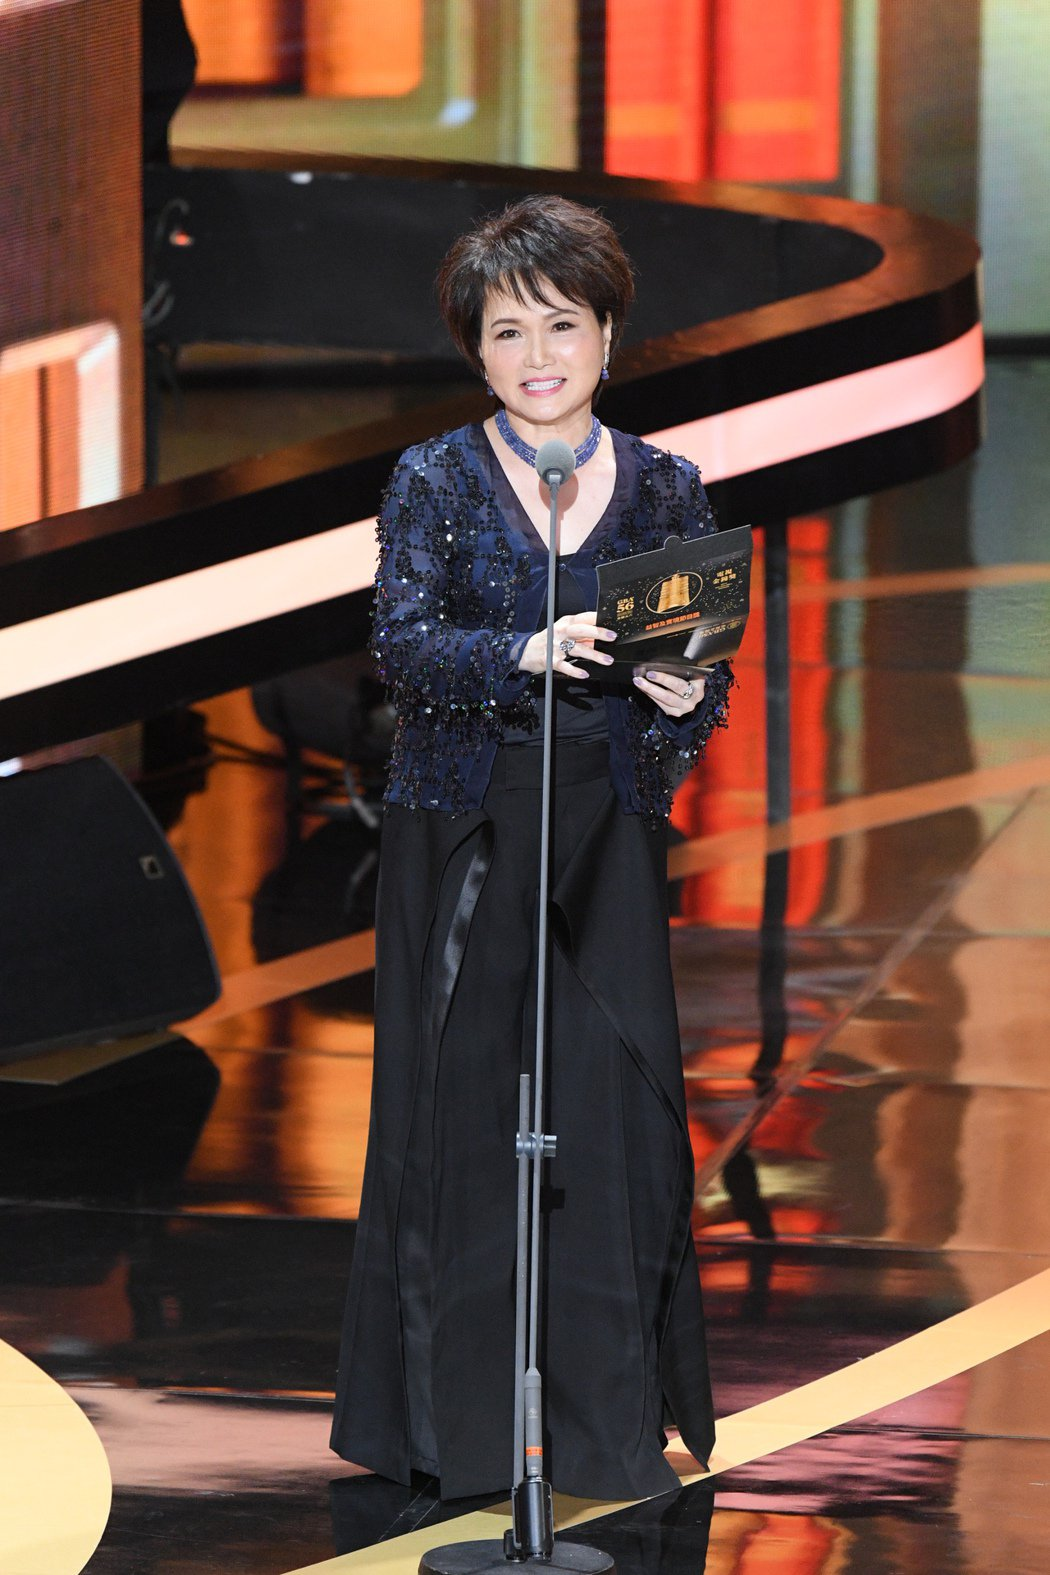 沈春華擔任頒獎時展現資深主播風範,讓網友大讚這才適合當頒獎人。圖/三立電視提供